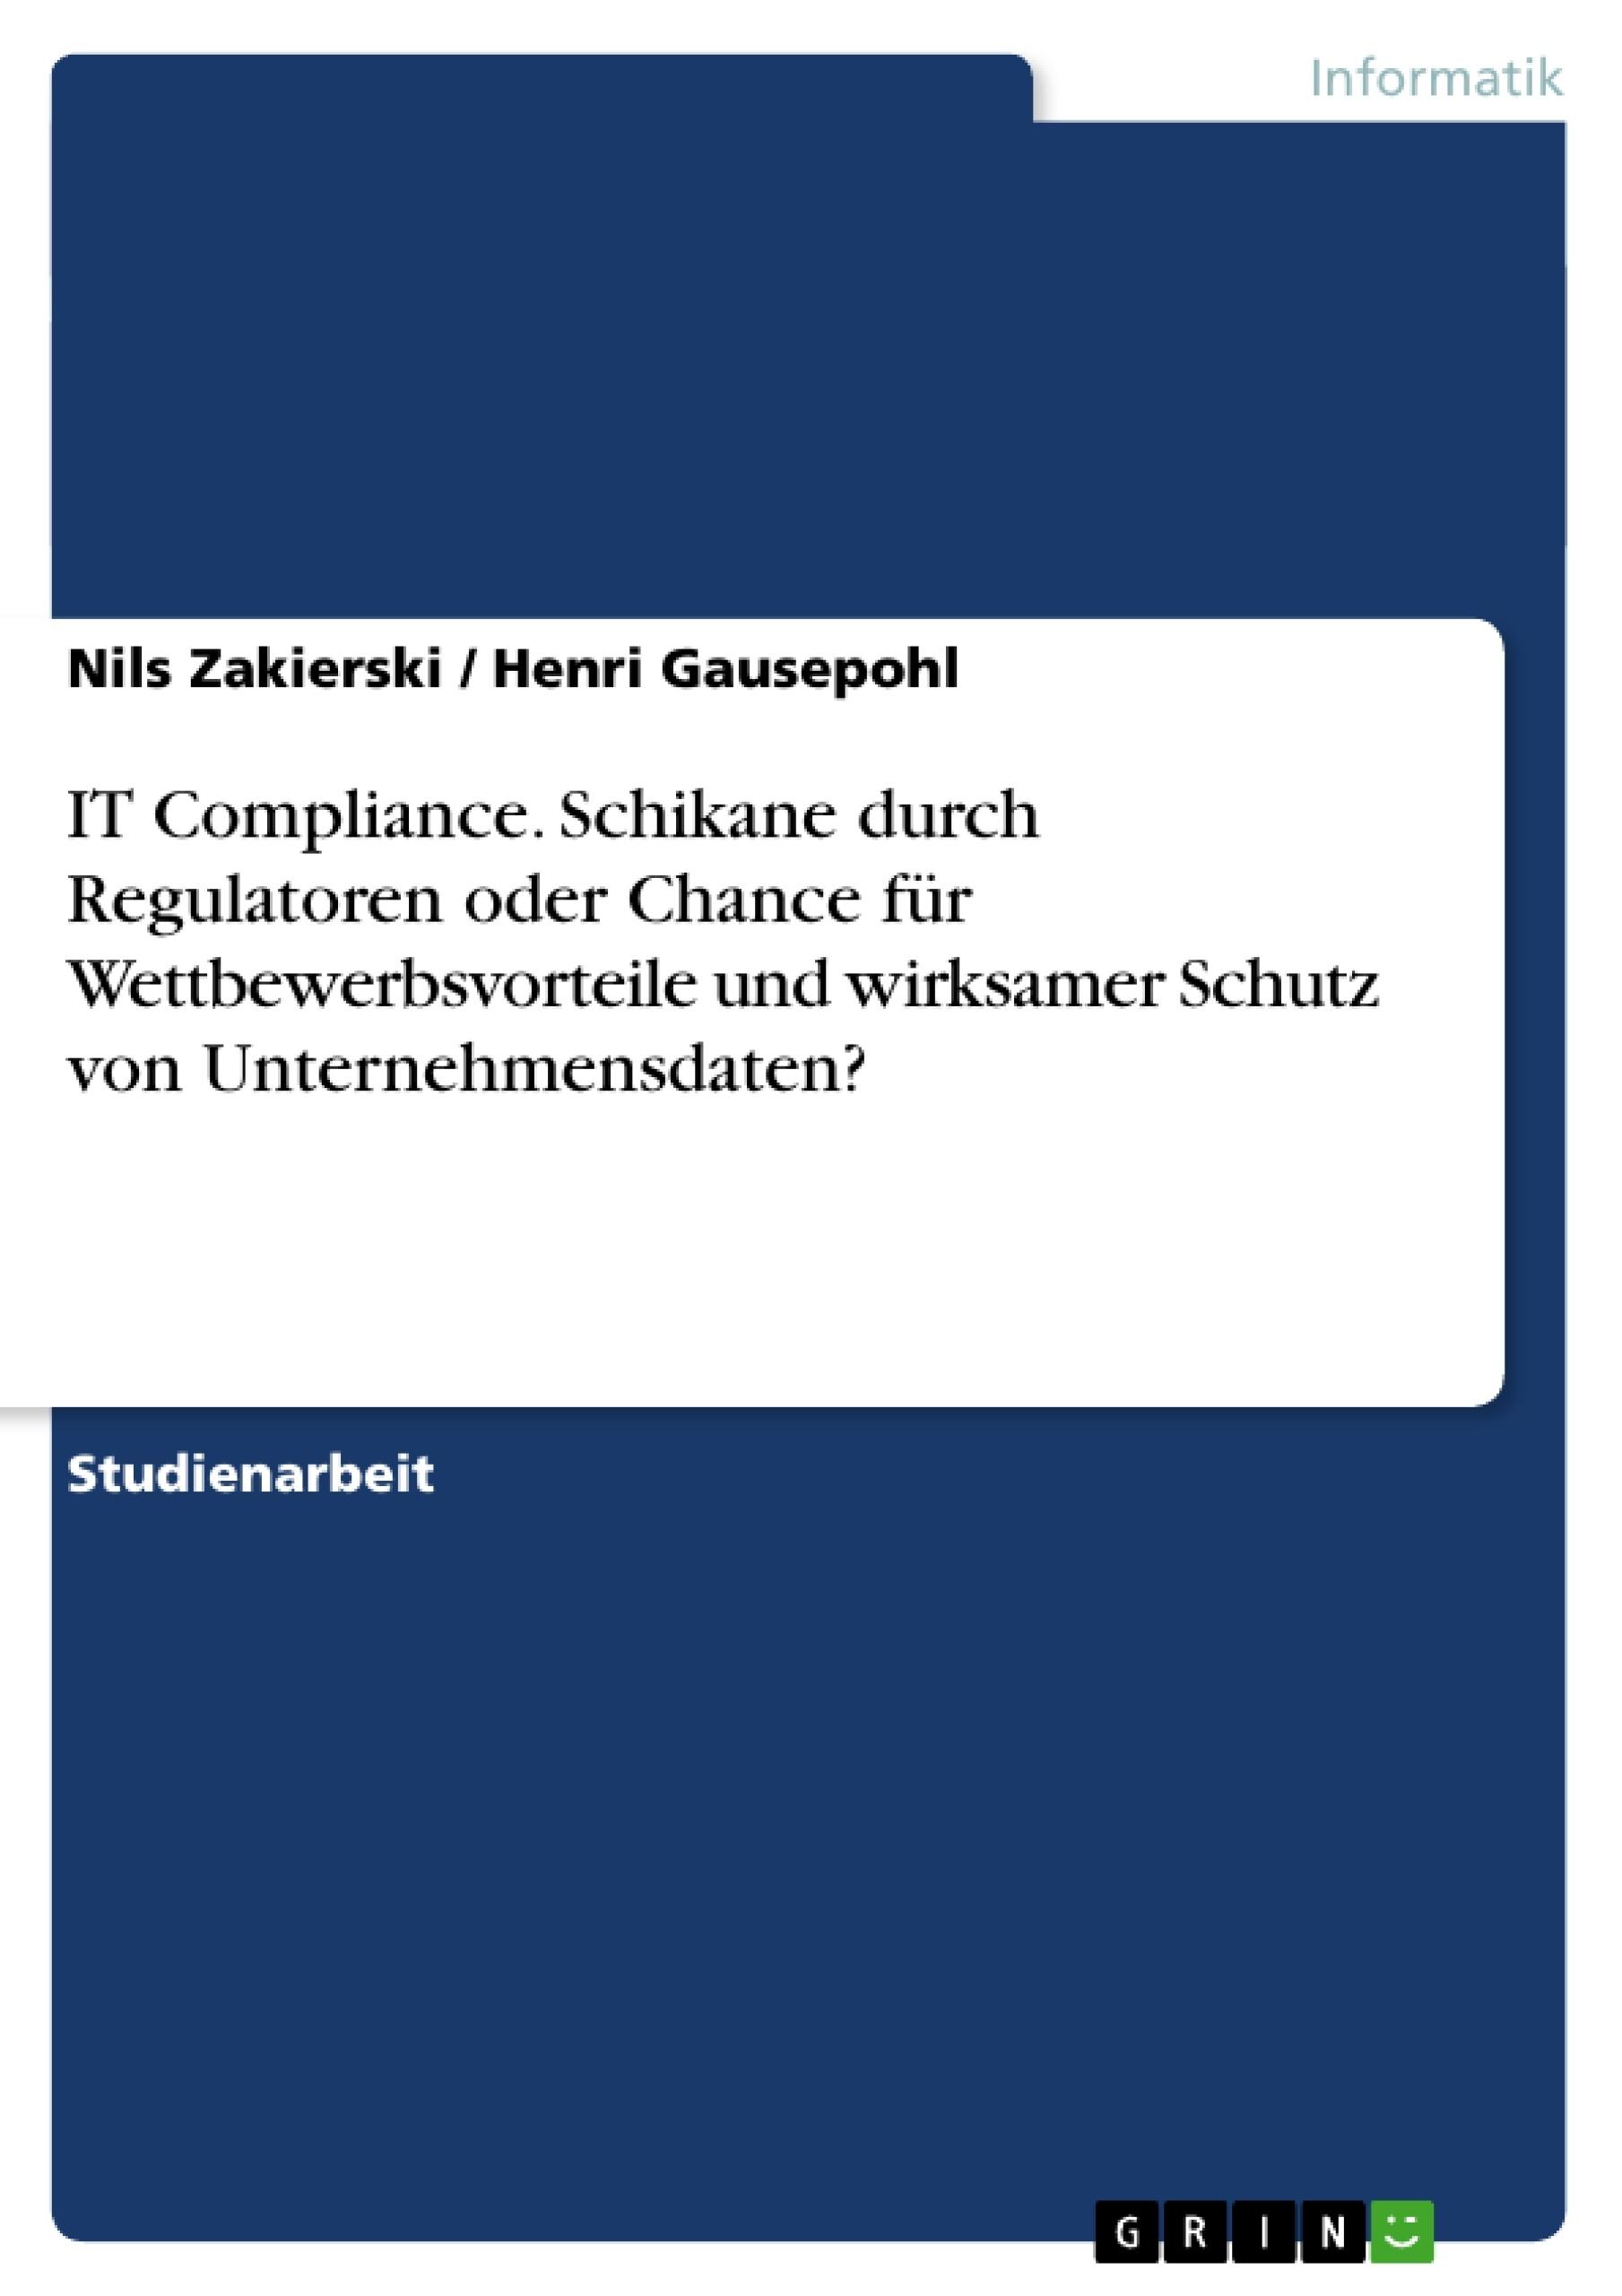 Titel: IT Compliance. Schikane durch Regulatoren oder Chance für Wettbewerbsvorteile und wirksamer Schutz von Unternehmensdaten?